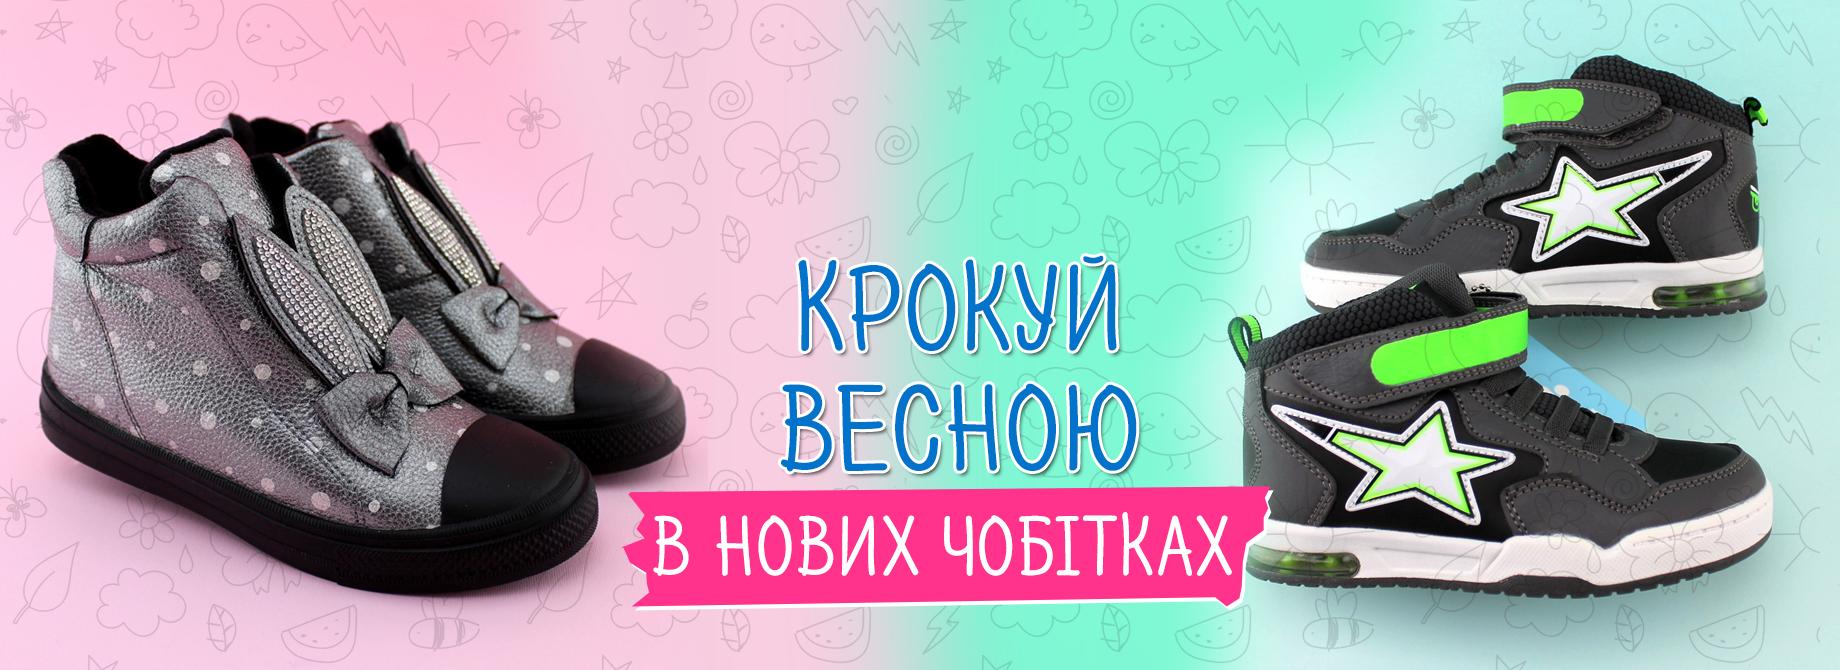 d2beef97d Интернет магазин BonKids - модные товары для детей | Купить в Киеве |  доставка по Украине